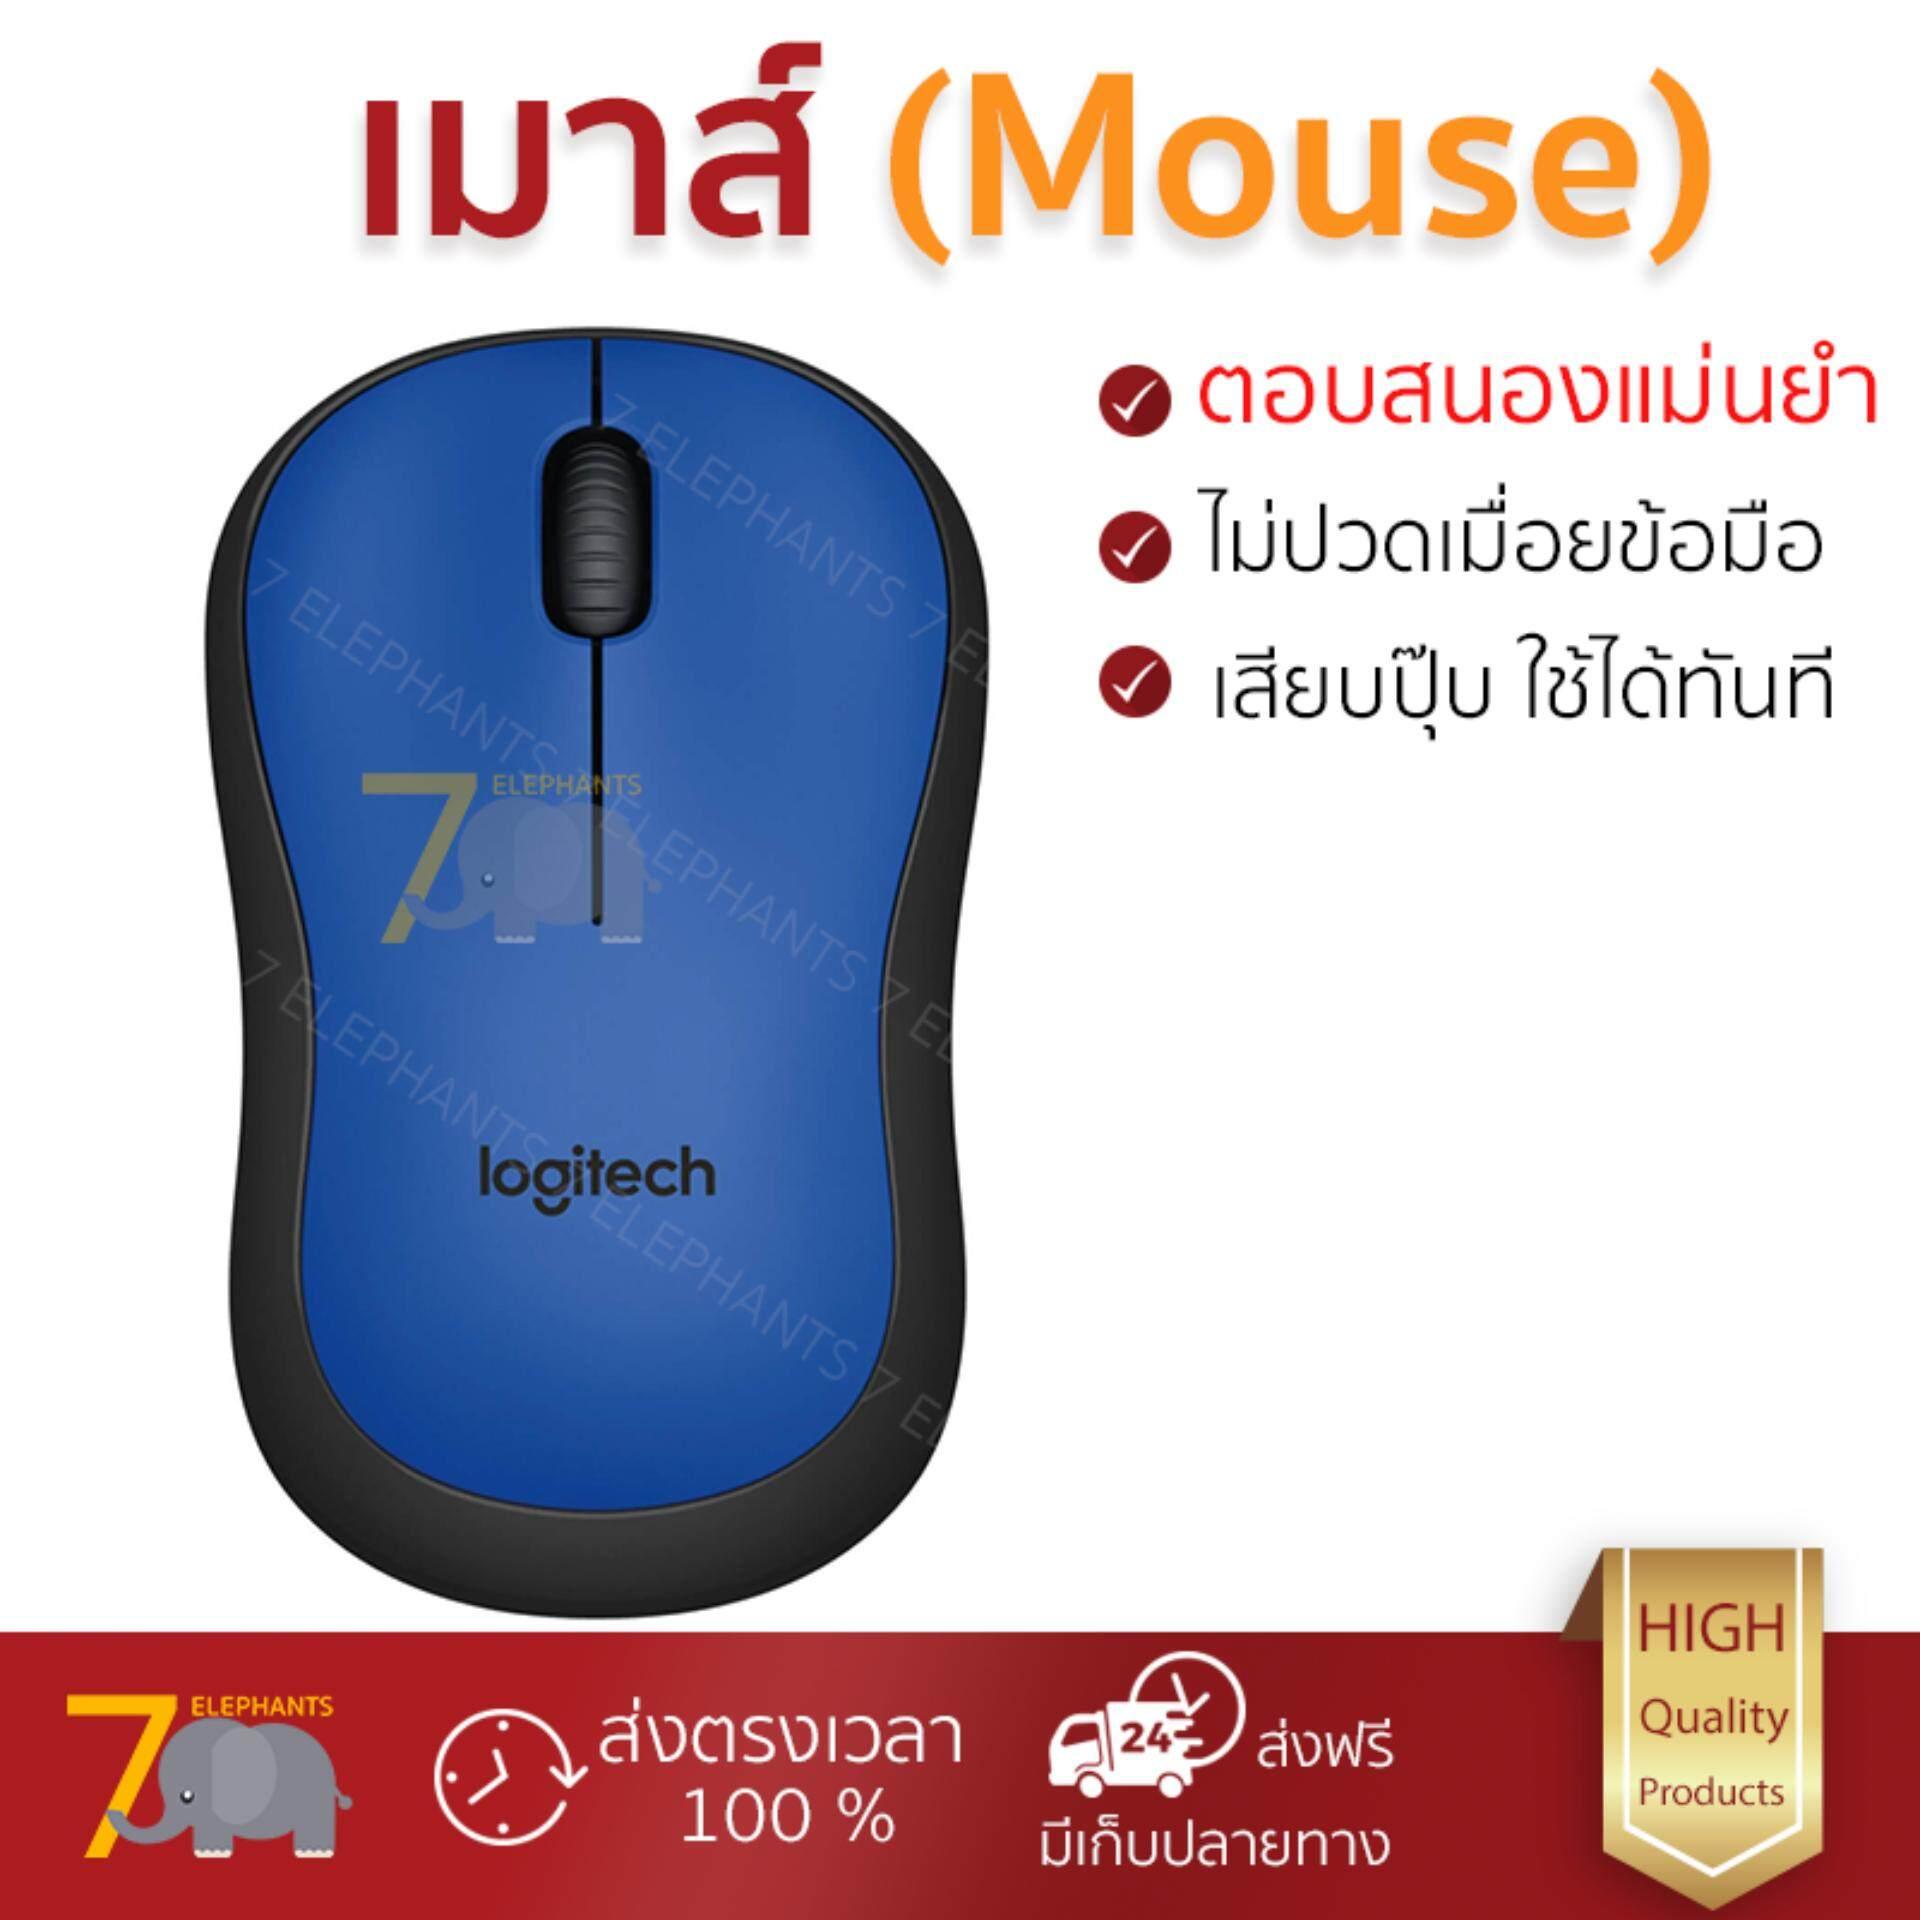 สุดยอดสินค้า!! รุ่นใหม่ล่าสุด เมาส์           LOGITECH เมาส์ไร้สาย (สีน้ำเงิน) รุ่น M221             เซนเซอร์คุณภาพสูง ทำงานได้ลื่นไหล ไม่มีสะดุด Computer Mouse  รับประกันสินค้า 1 ปี จัดส่งฟรี Kerry ท